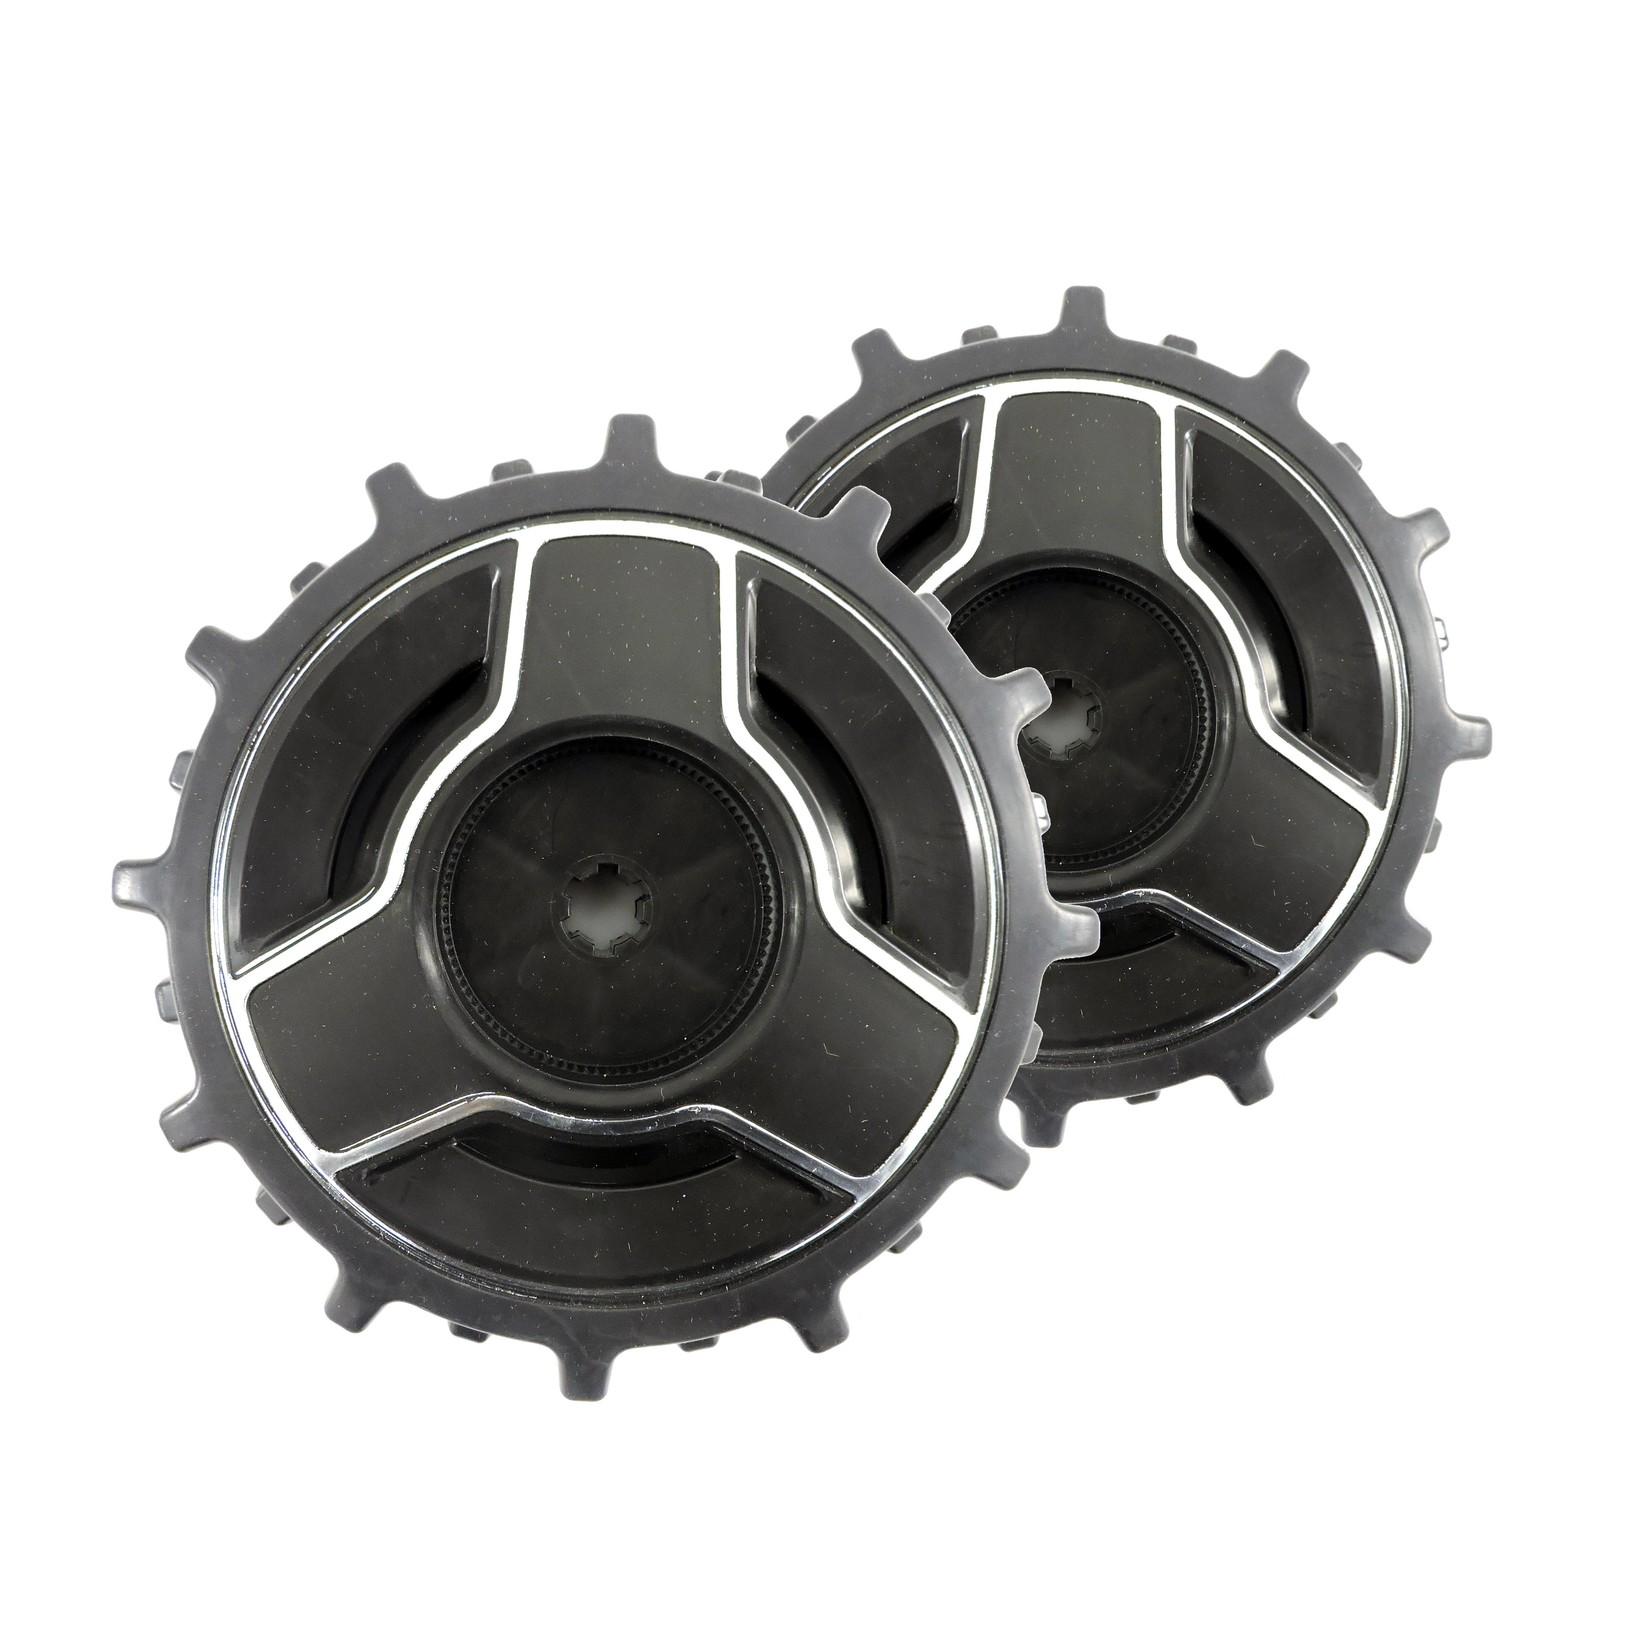 Robomow Robomow SPP9000A Antriebsräder (2 Stück) für RX-Modelle